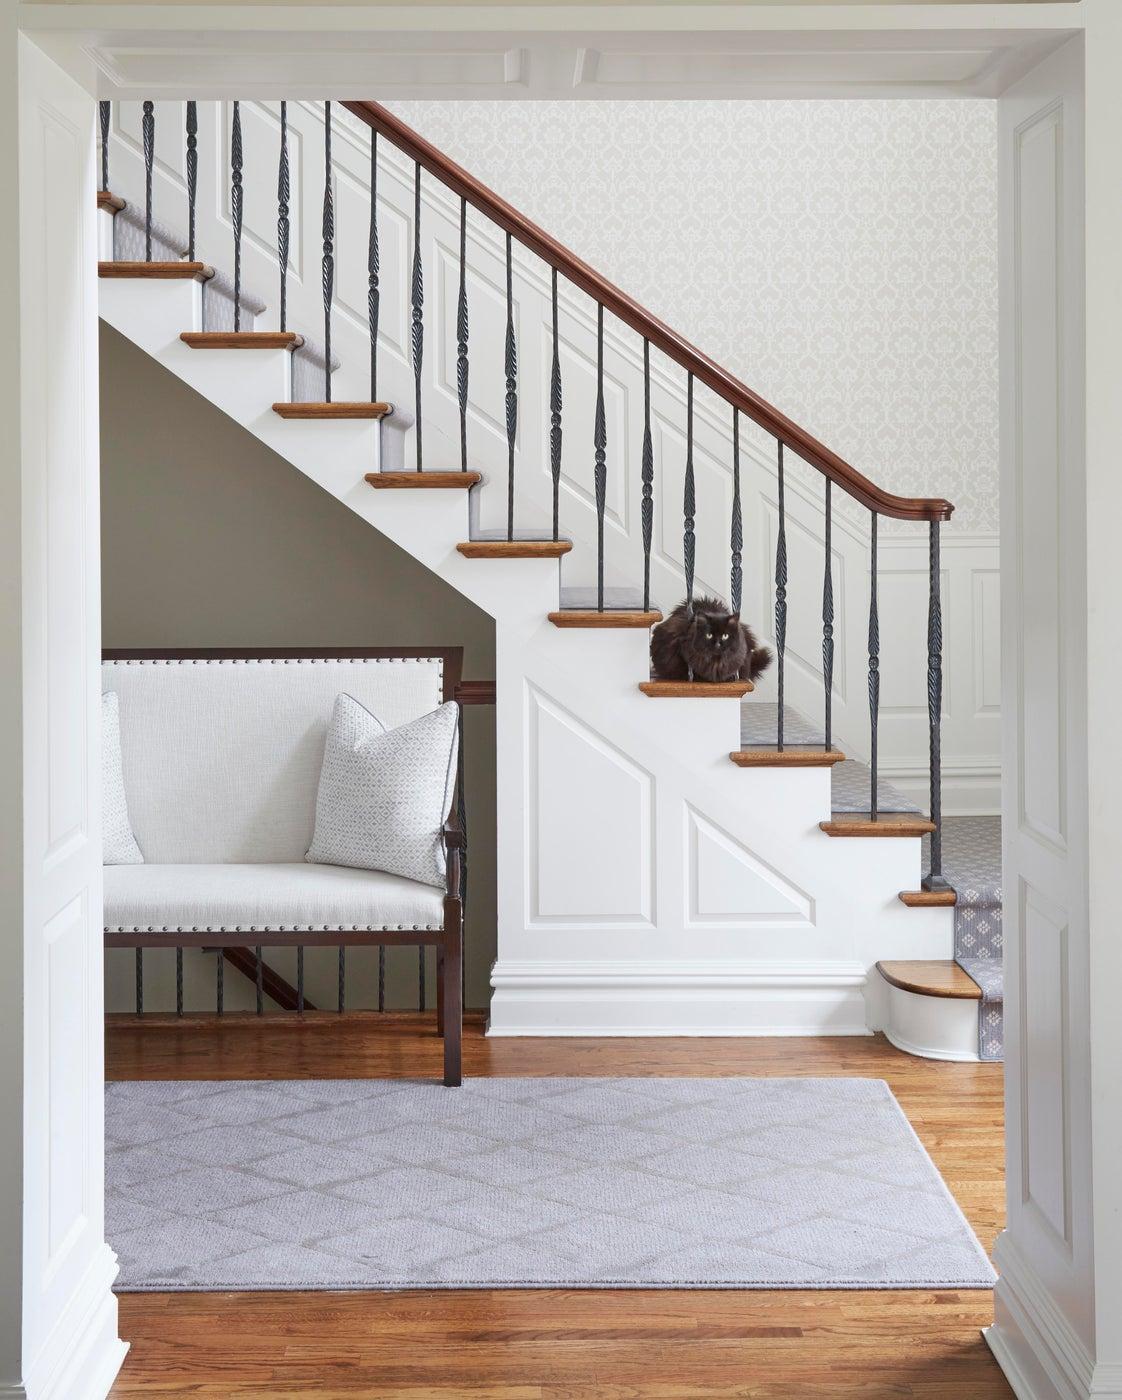 Glencoe entry foyer with custom bench, gray runner, patterned wallpaper